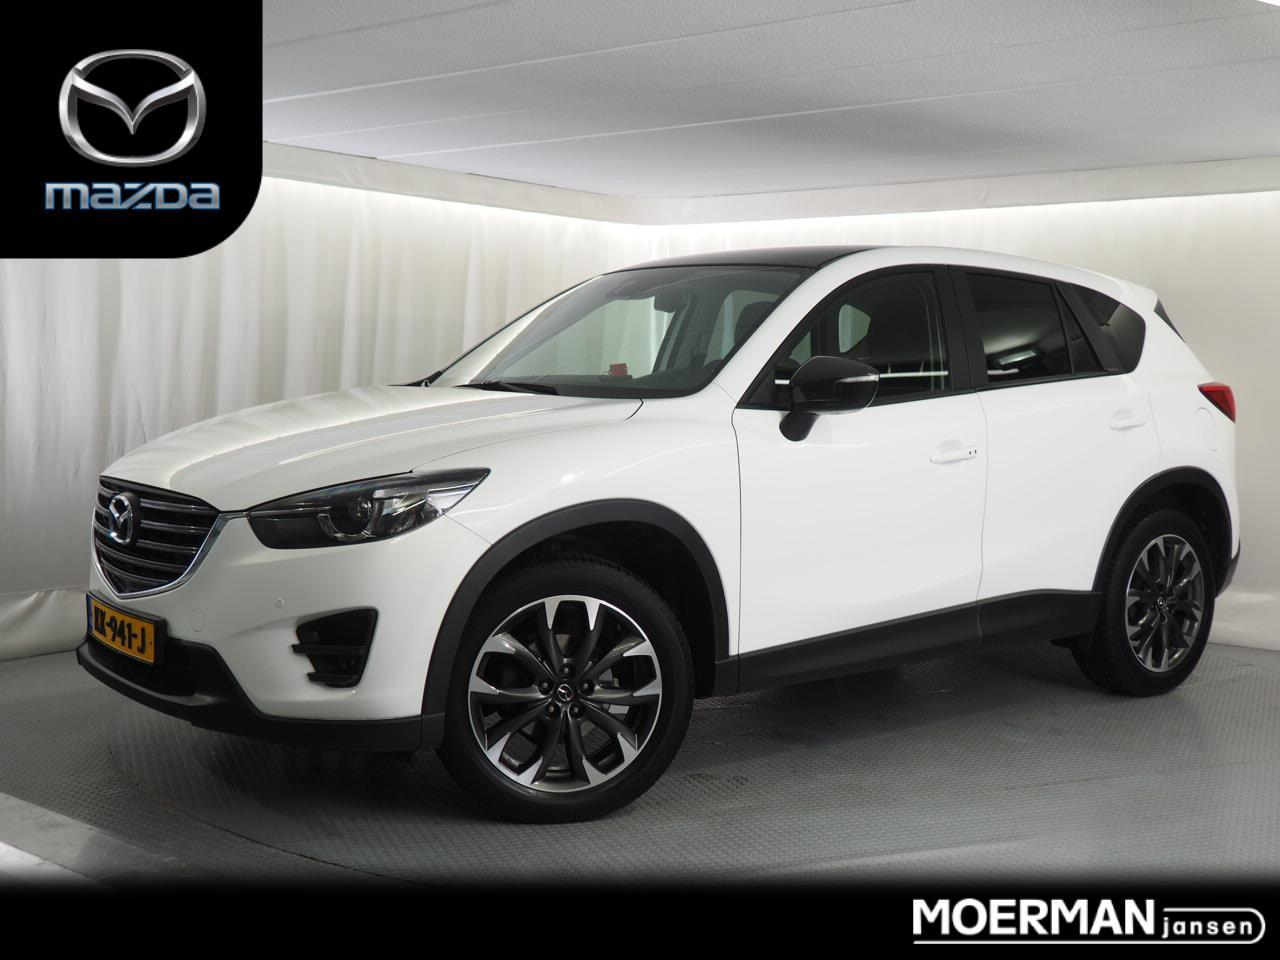 Mazda Cx-5 2.0 gt / 19 inch velgen / lederen interieur / trekhaak / navigatie / 44.000km / camera